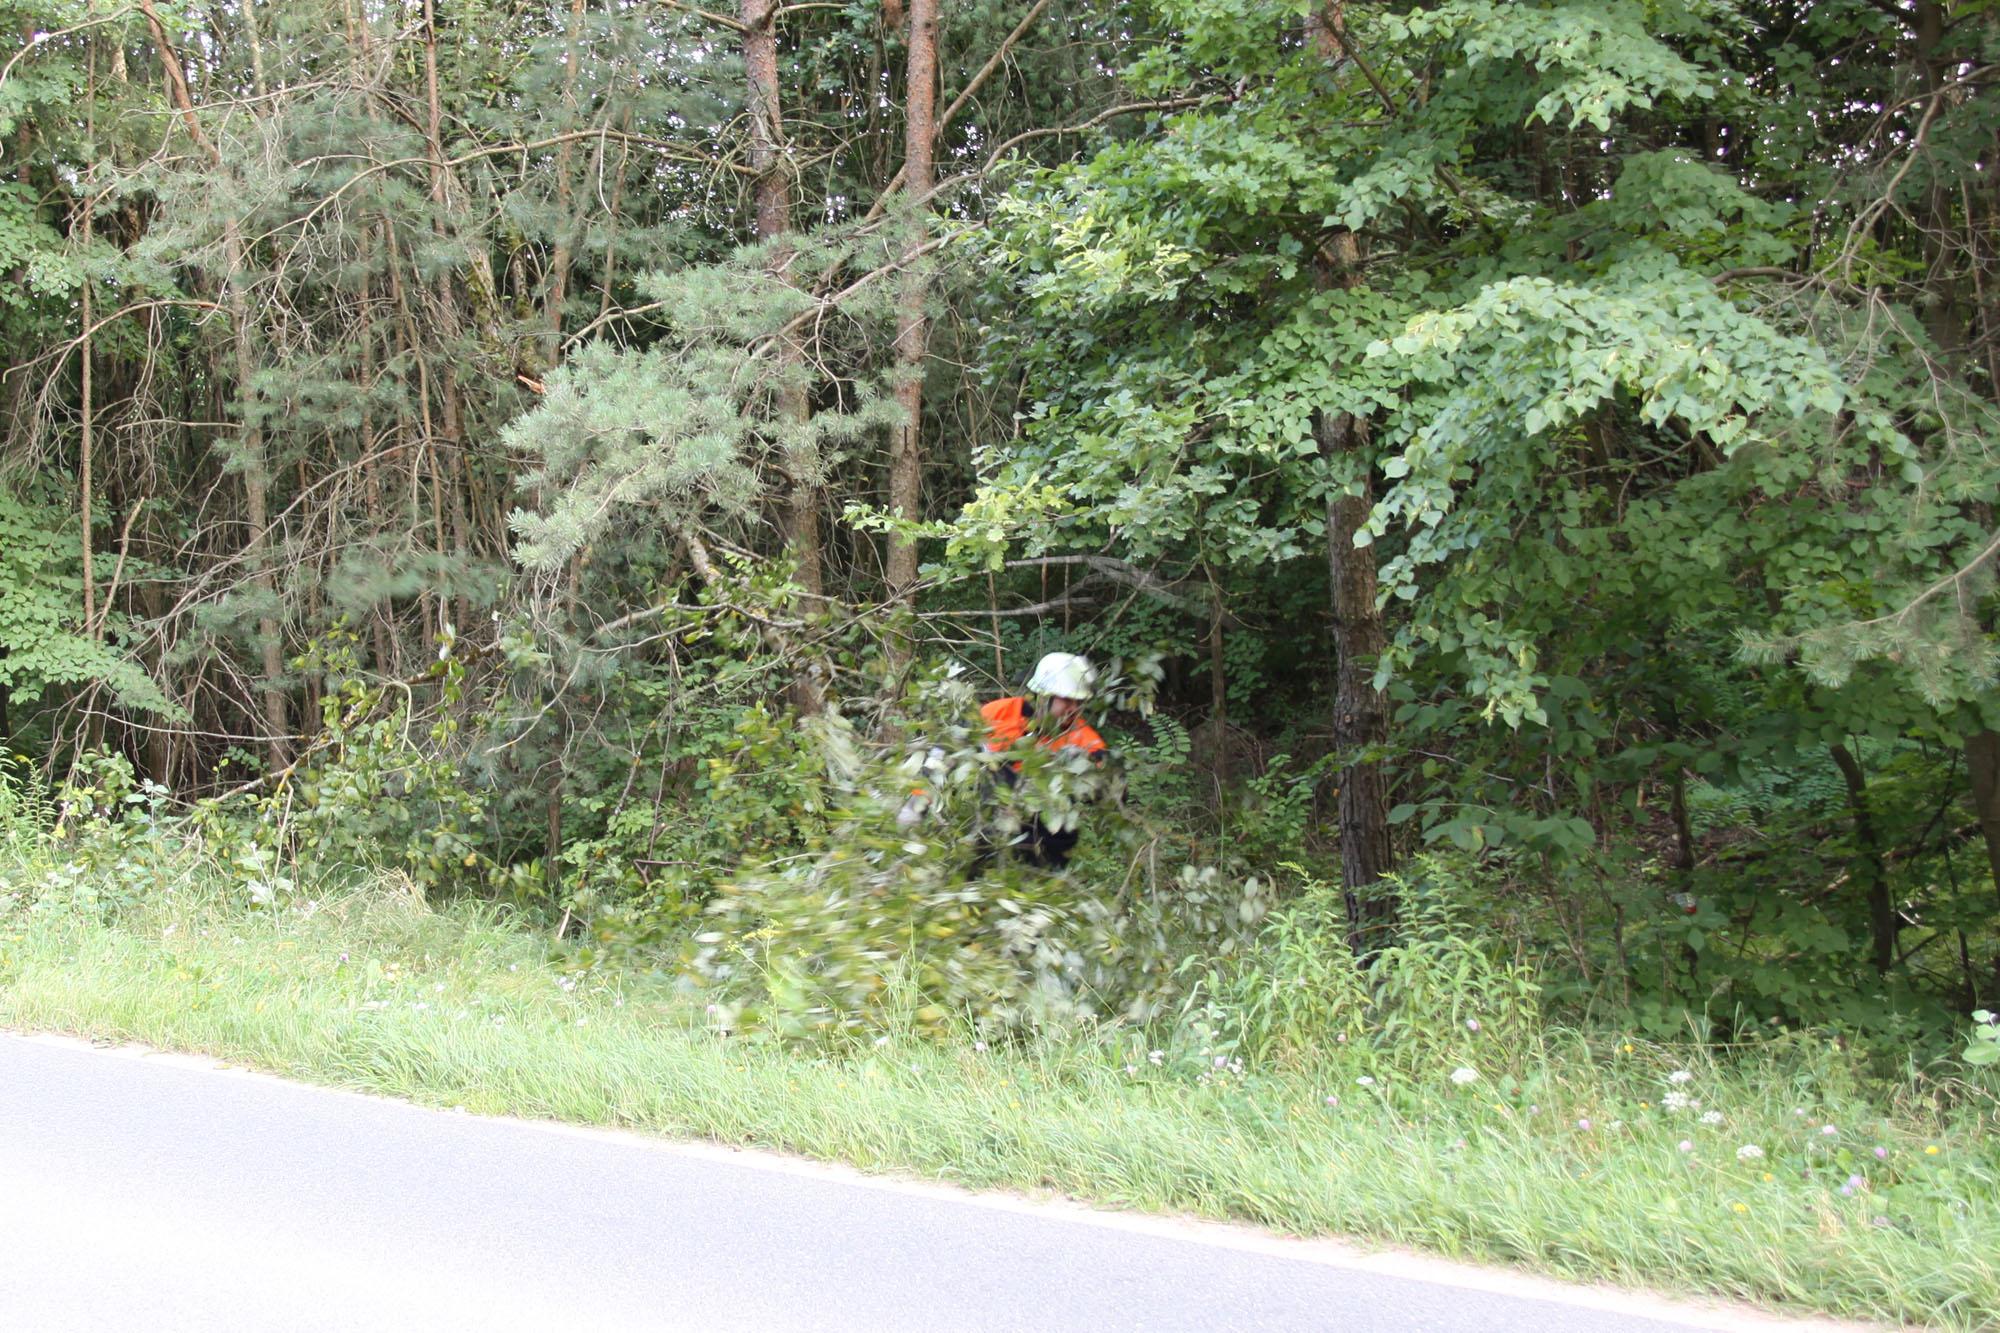 2016_08_19_EB054-Baum-ueber-Fahrbahn_07a-2000p